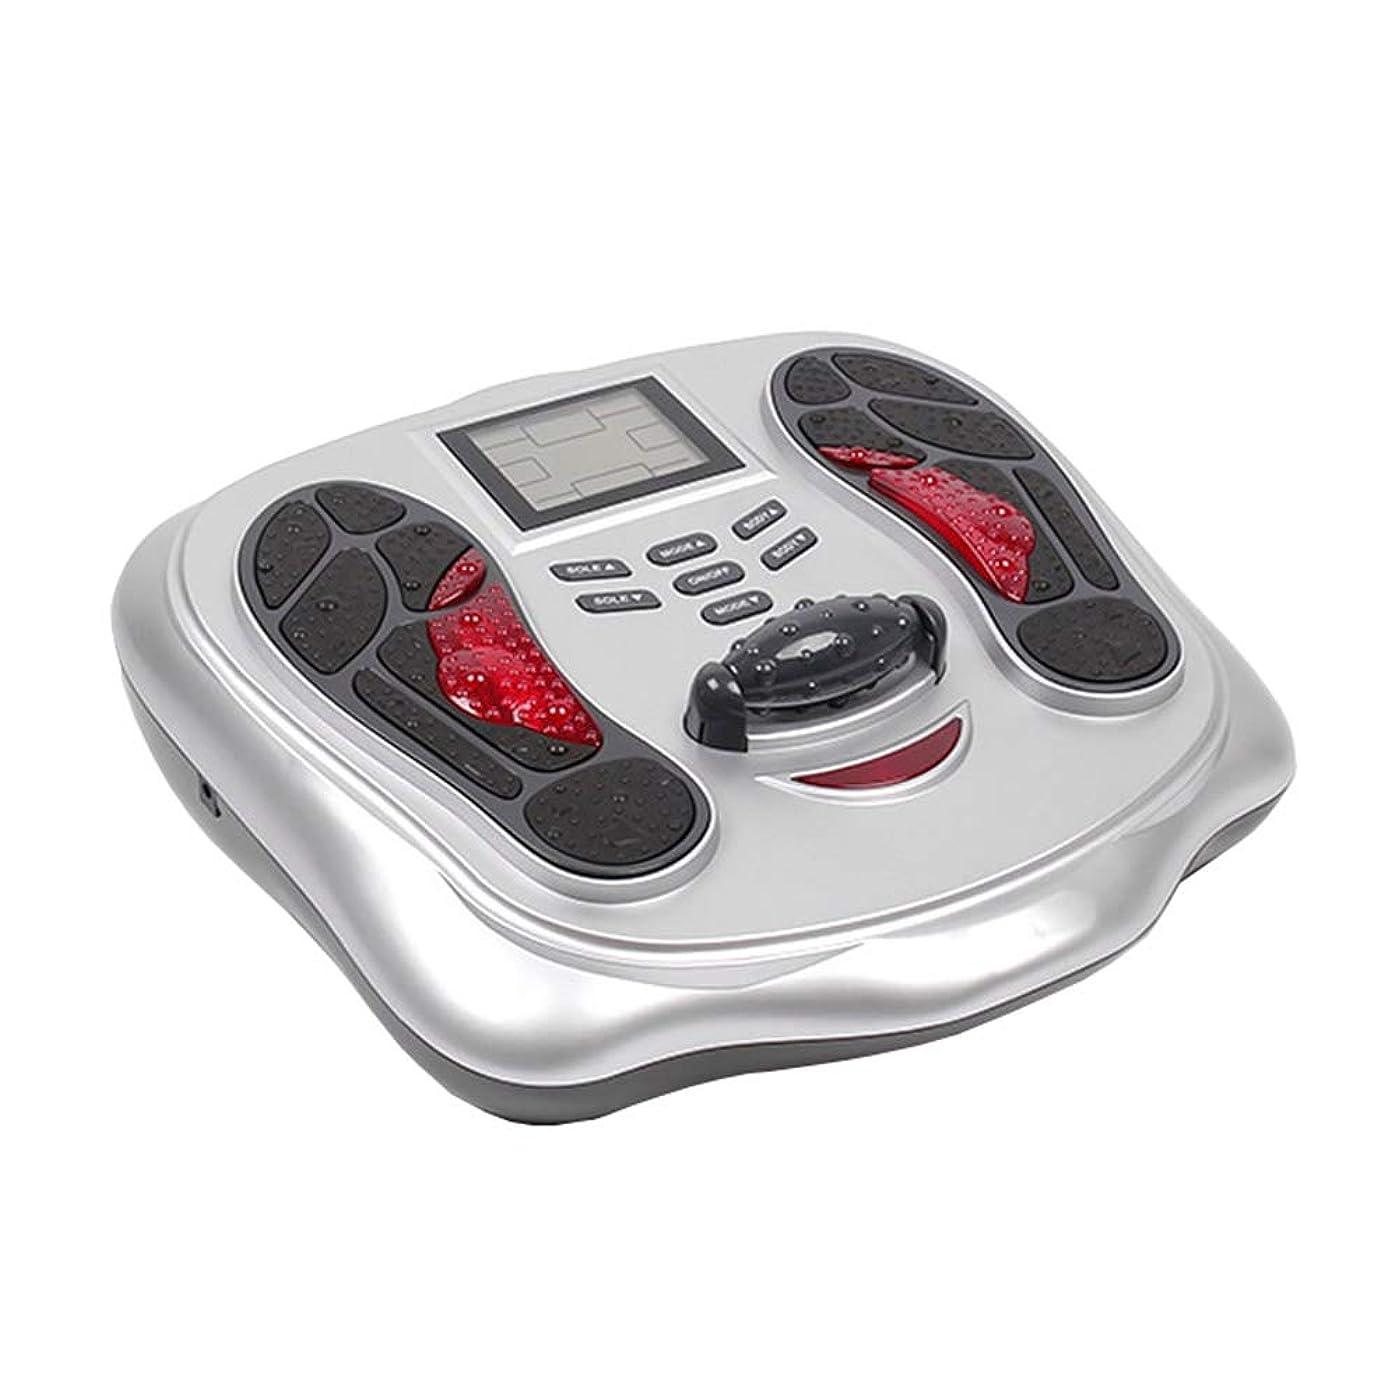 強化口工業用電気の 電気足のマッサージャーの無声脈拍のマッサージ、家のための足の痛みを和らげるためにLED表示25モード切替可能な深い混練 人間工学的デザイン, White